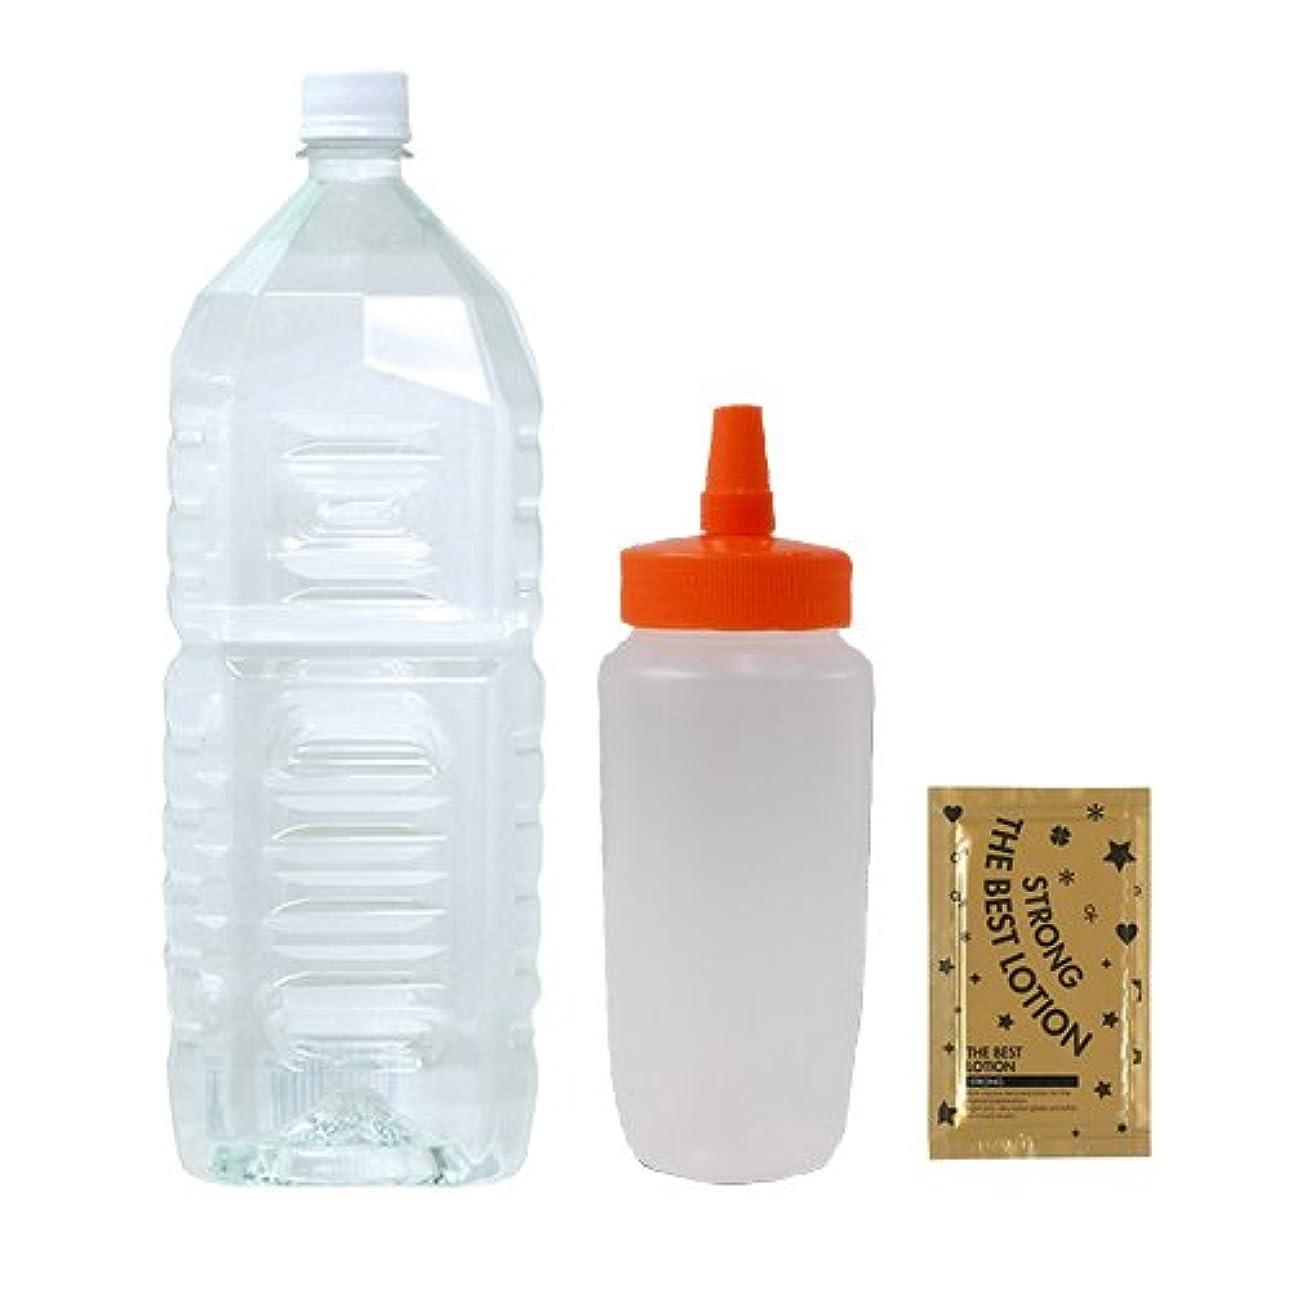 以上手のひらの中でクリアローション 2Lペットボトル ハードタイプ(5倍濃縮原液)+ はちみつ容器740ml(オレンジキャップ)+ ベストローションストロング 1包付き セット